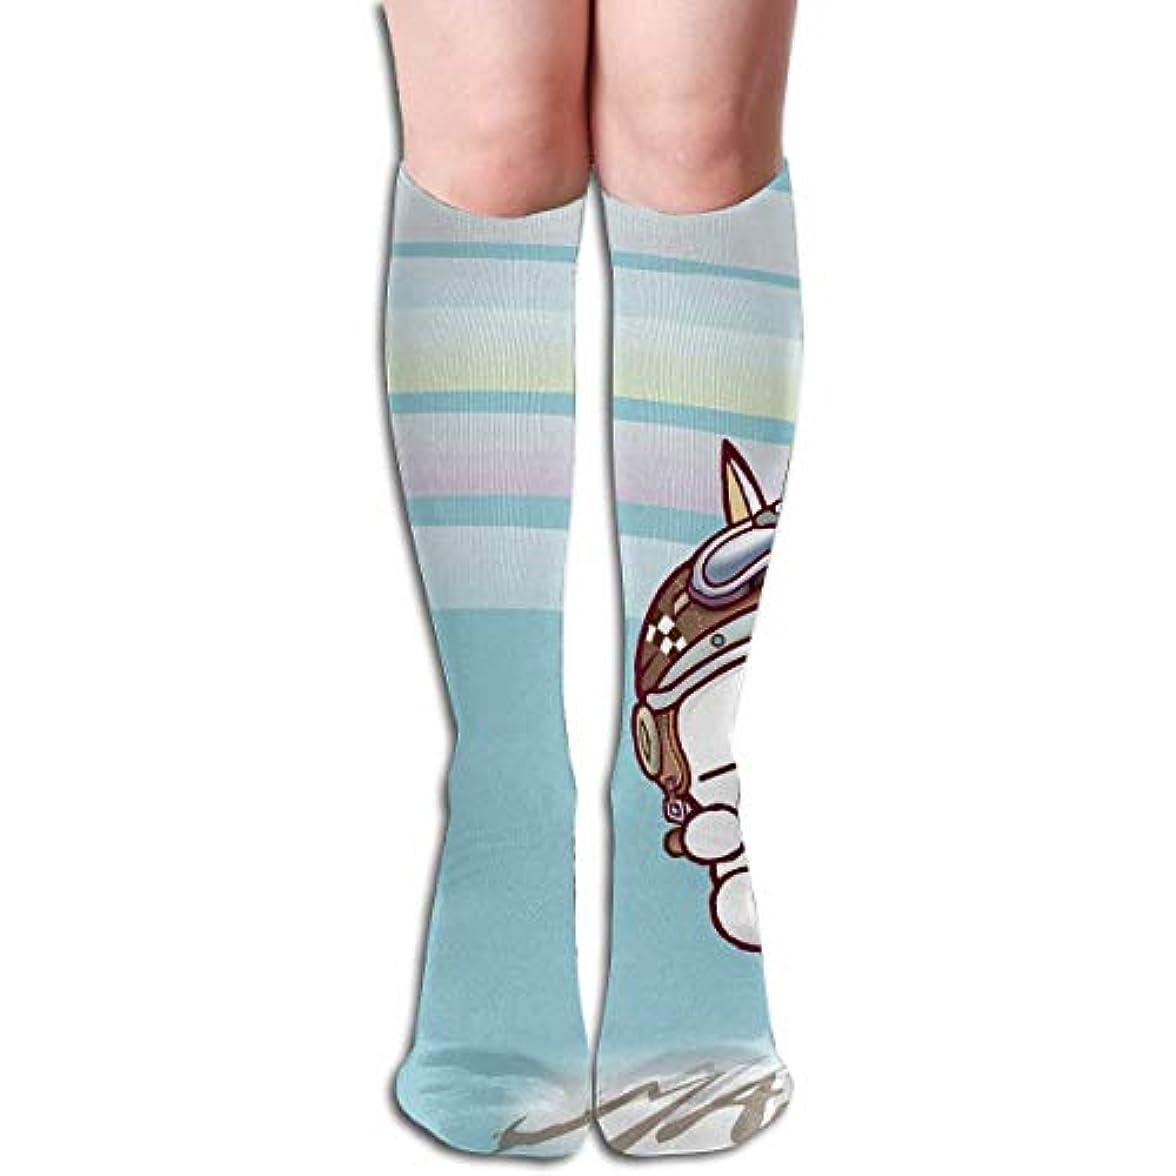 裂け目その他競争力のあるqrriyマシマロチューブストッキングレディース冬暖かい膝ハイソックスブーツ靴下